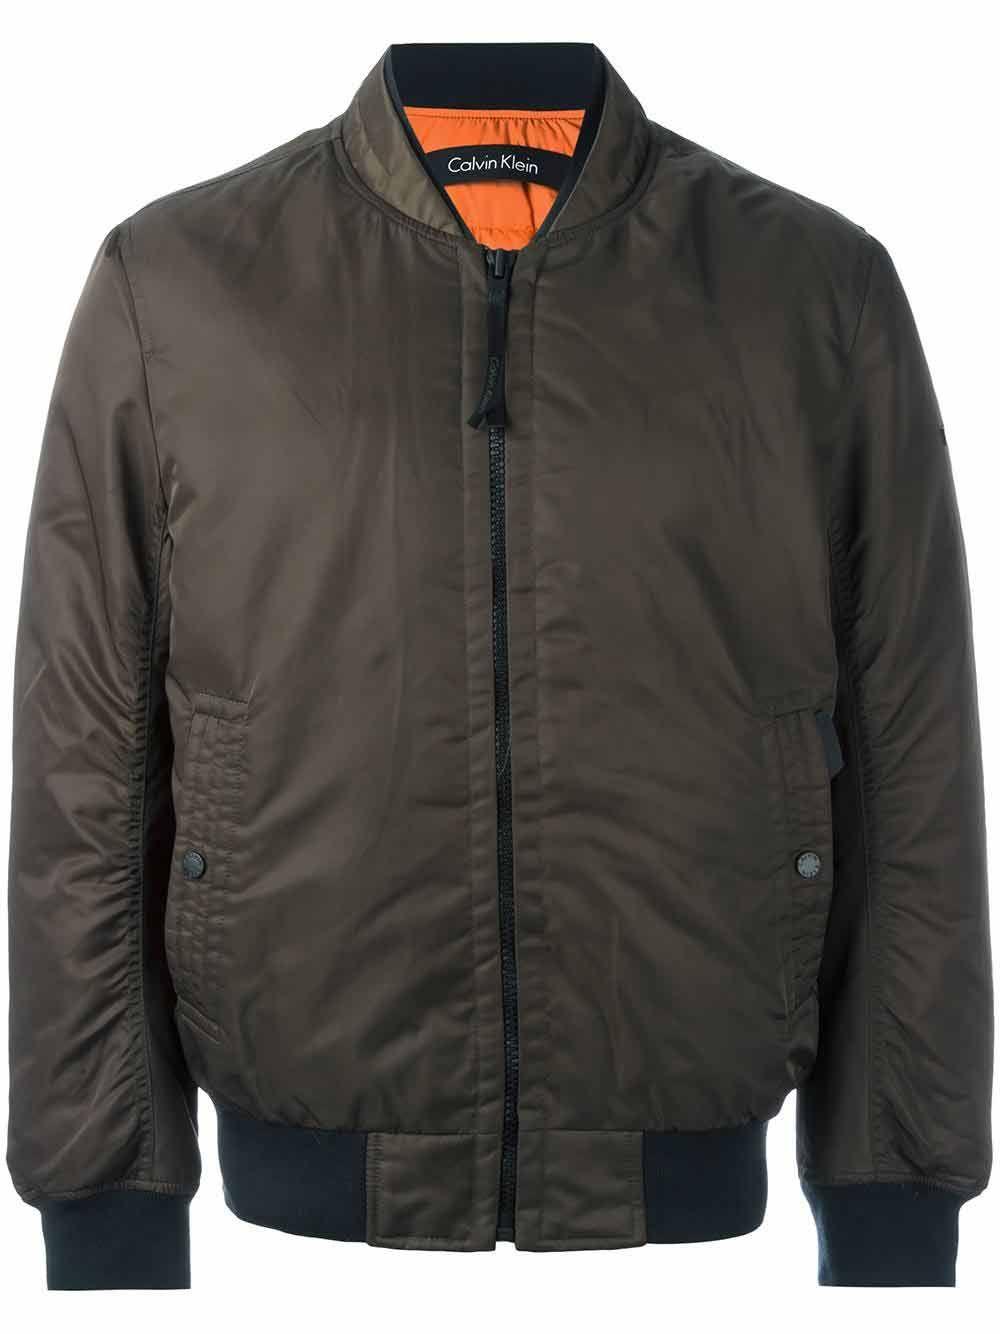 Top Brands For Winter Jackets | Designer Jackets